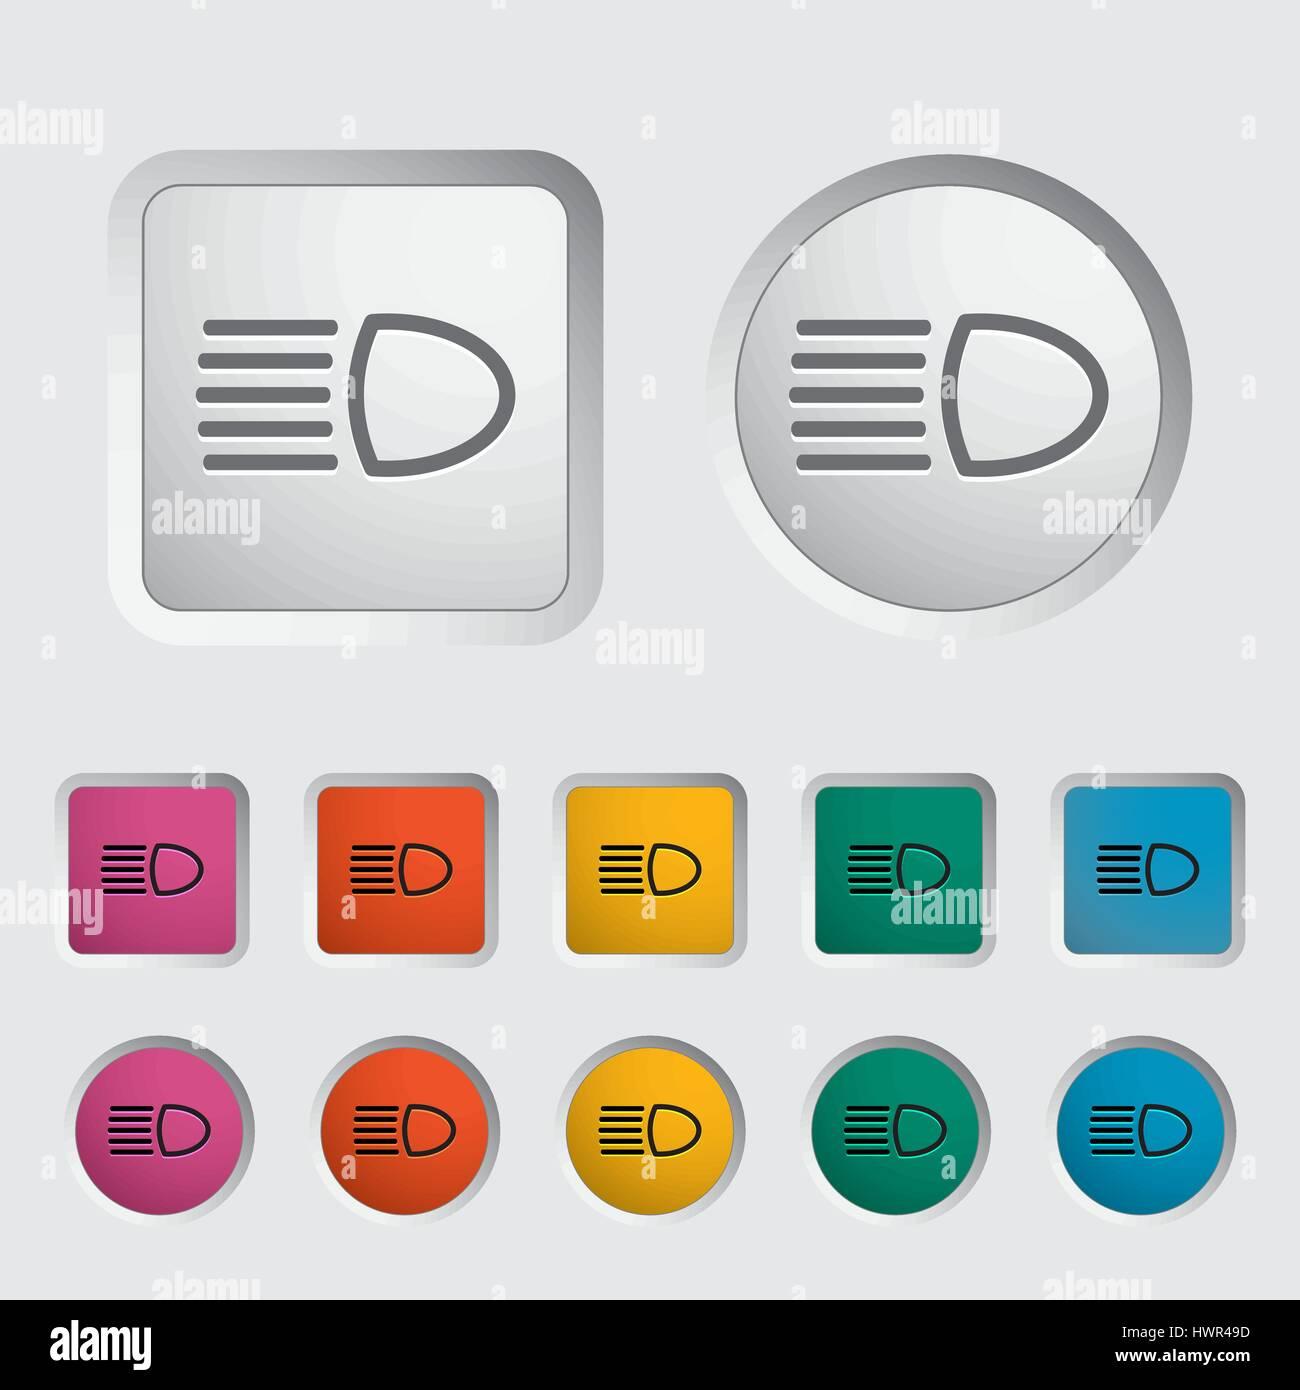 headlight icon vector illustration eps stock vector art